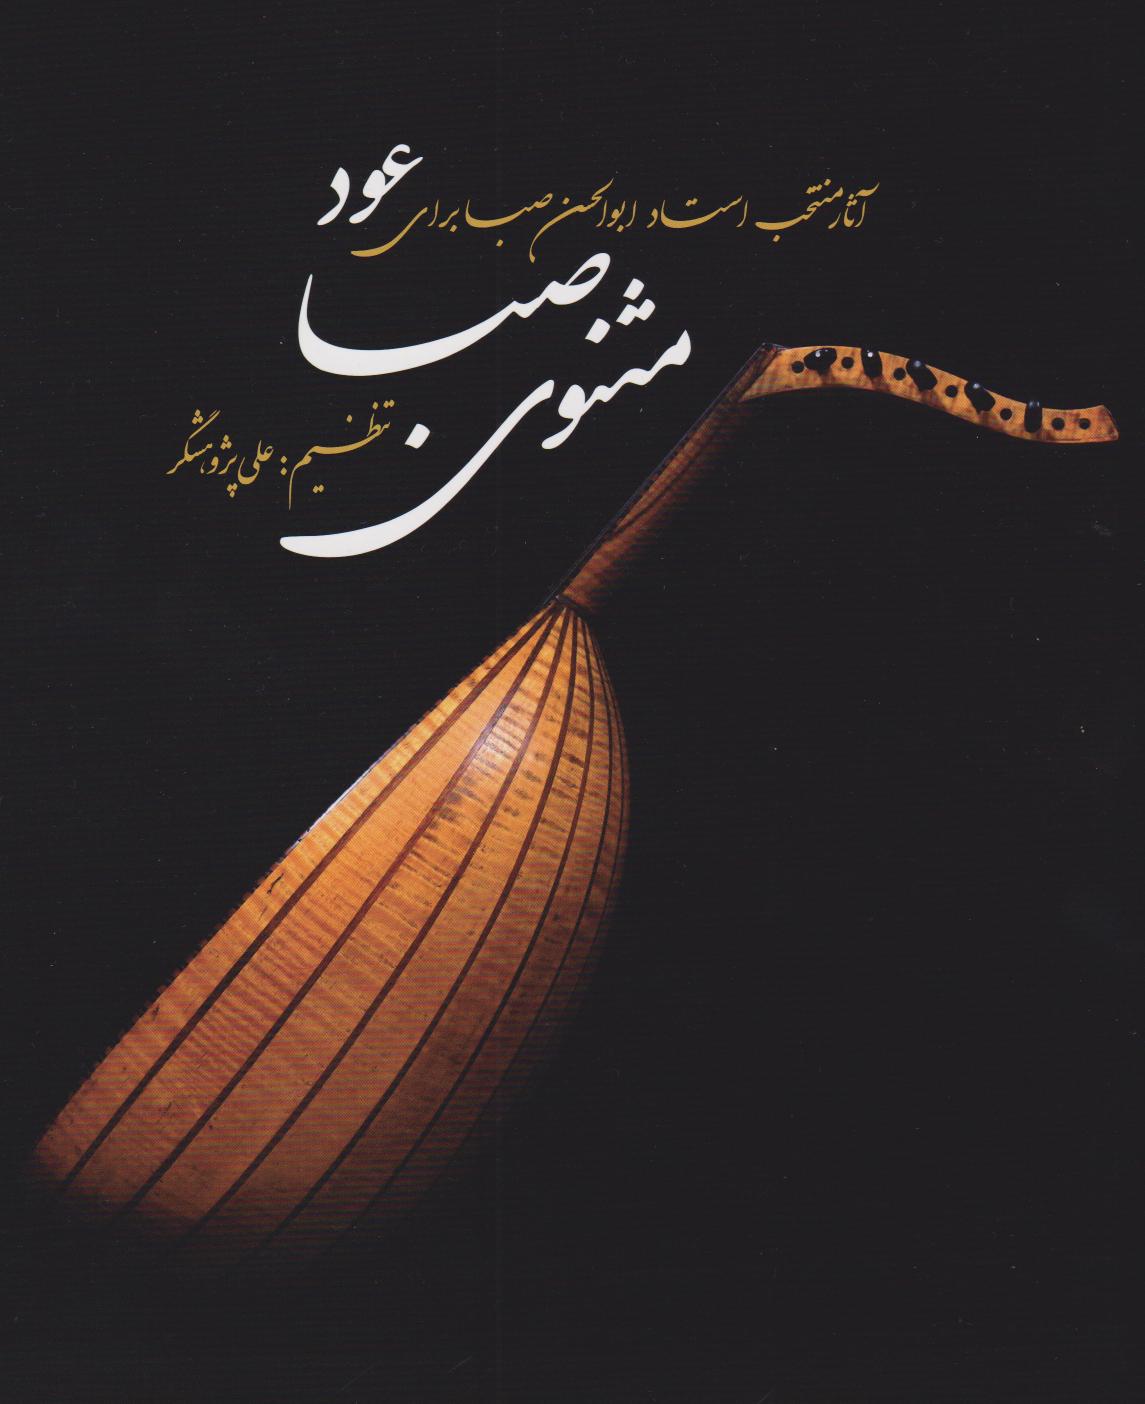 کتاب مثنوی صبا عود علی پژوهشگر انتشارات سرود